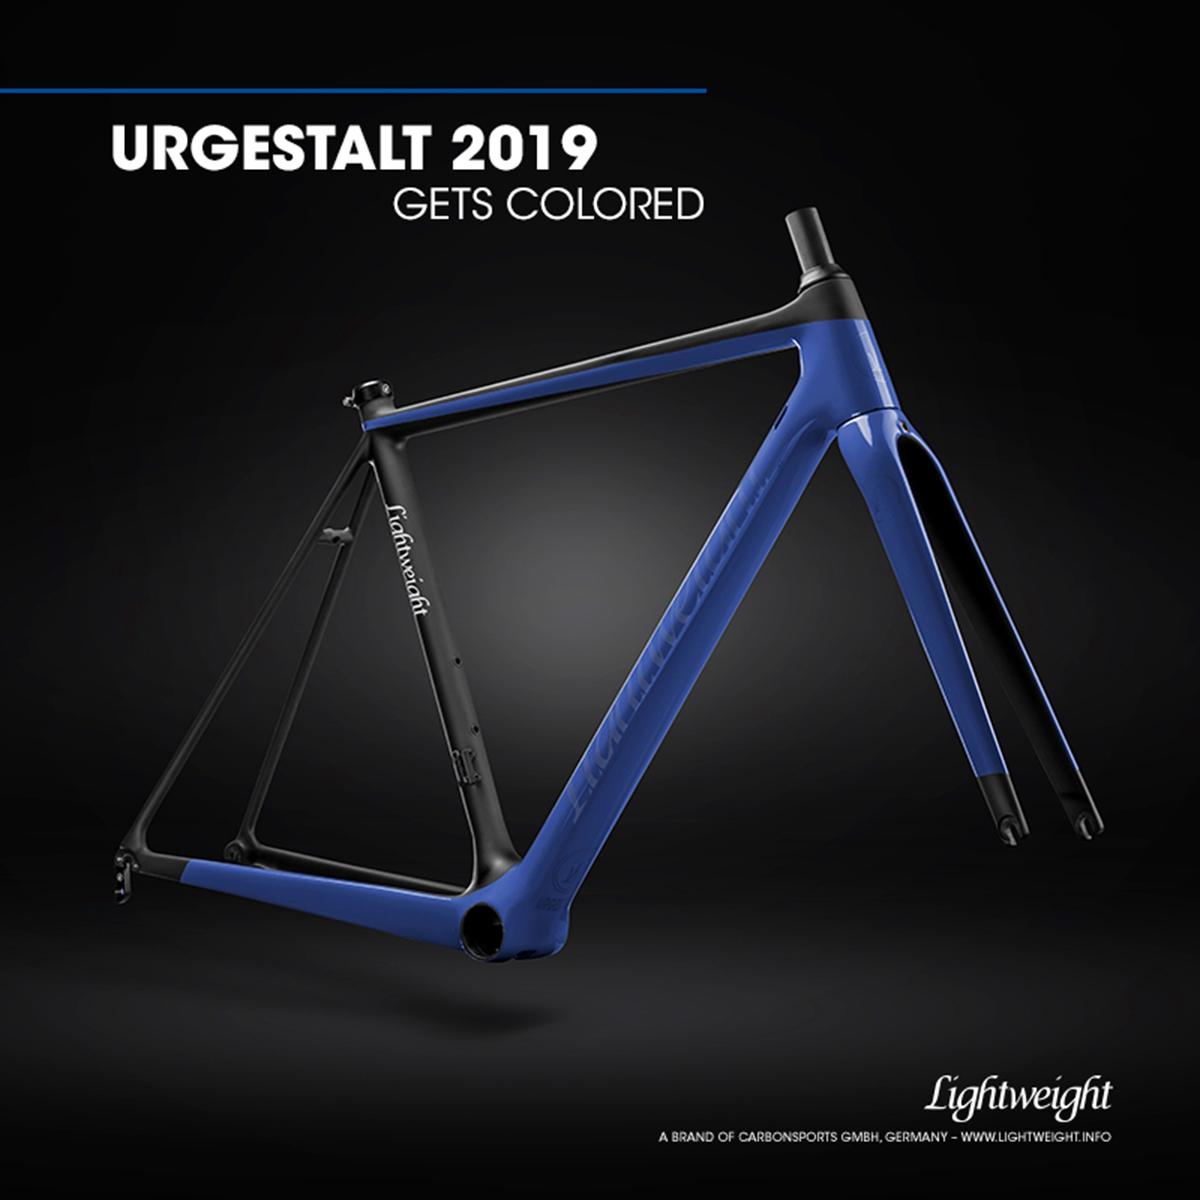 Lightweight_Urgestalt_2019_dunkelblau.jpg